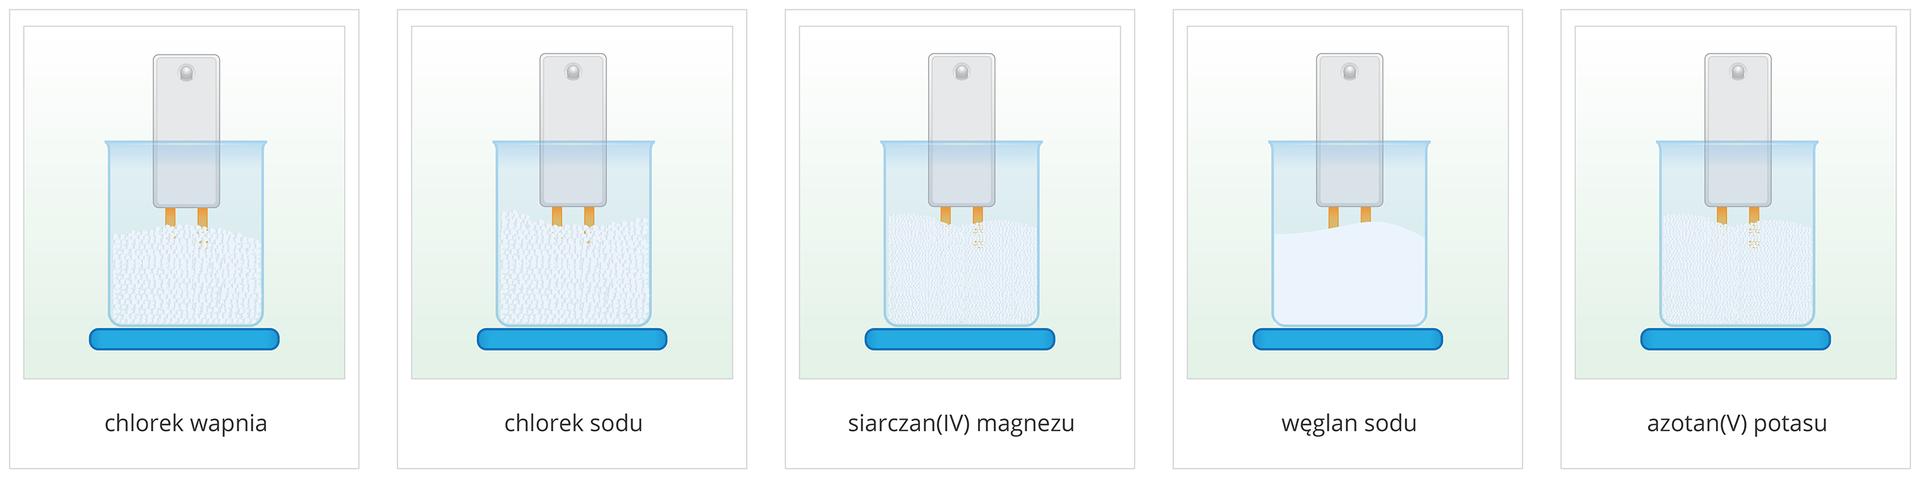 Ilustracja przedstawia pięć rysunków, na których wzlewce wypełnionej jasną solą wstanie stałym rozdrobnionym umieszczone zostaje urządzenie zdwoma metalowymi stykami oraz diodą świecącą służące do badania przewodnictwa elektrycznego ośrodka. Każdy rysunek podpisany jest nazwą soli wzlewce. Niezależnie od soli wżadnym przypadku dioda urządzenia się nie zapala. Ani chlorek wapnia, ani chlorek sodu, ani siarczan cztery magnezu, ani węglan sodu, ani azotan pięć potasu wstanie stałym nie przewodzą zatem prądu elektrycznego.